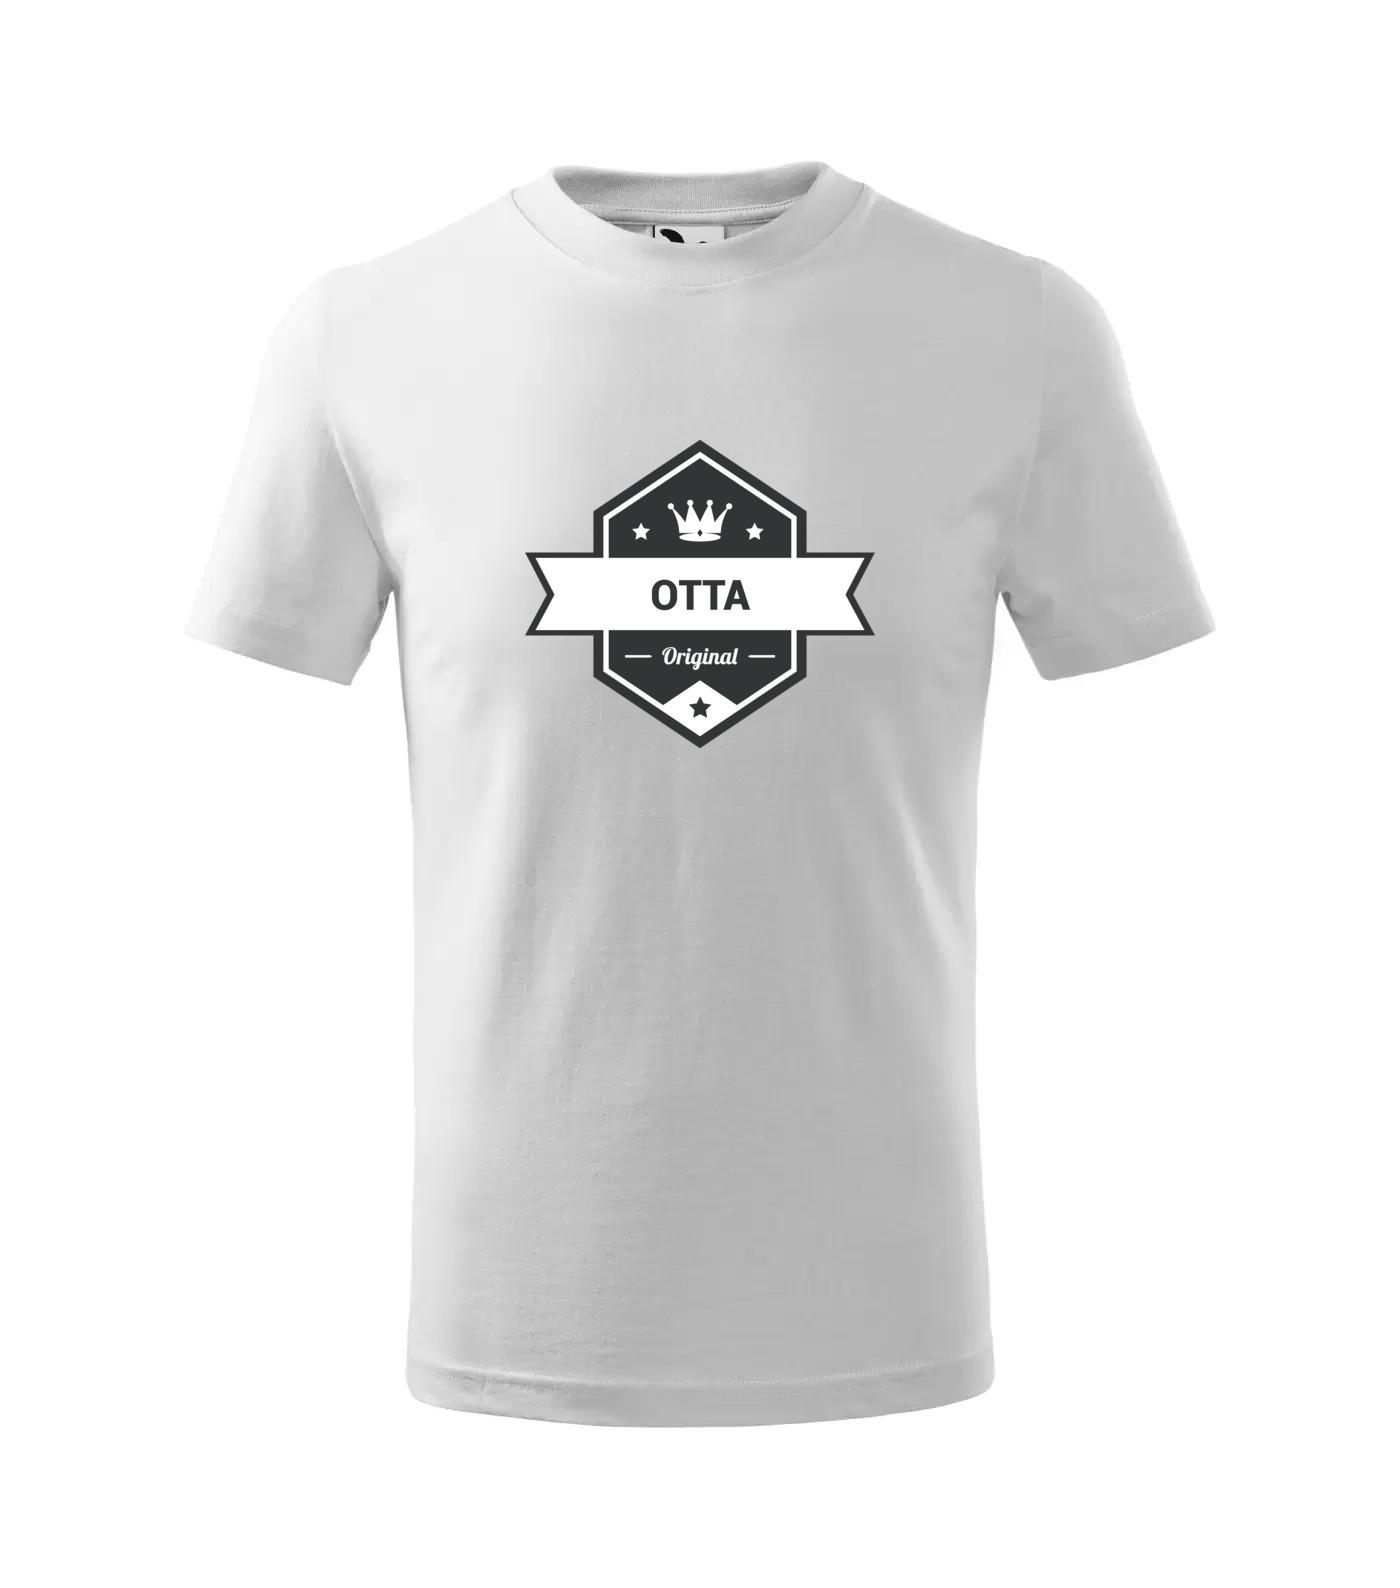 Tričko King Otta